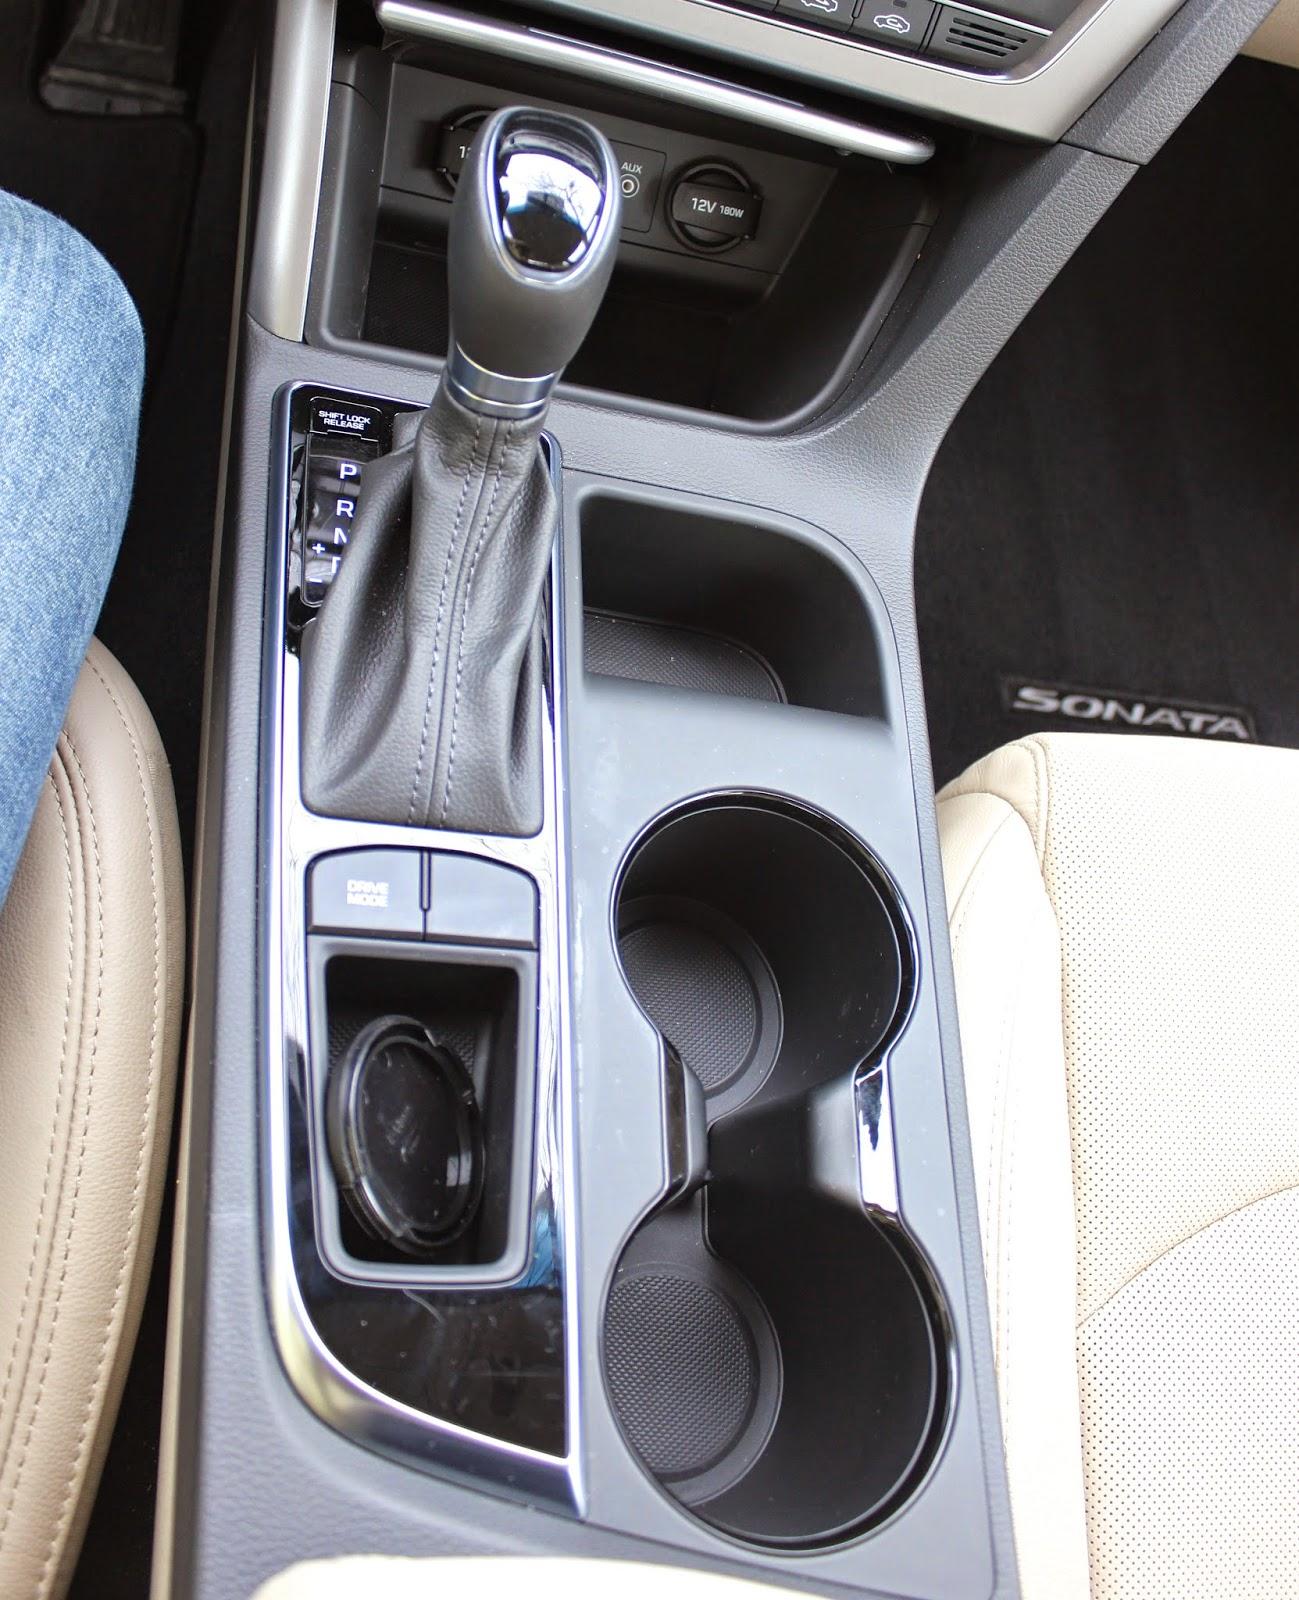 Hyundai Sonata 2015 Review: Ask Away Blog: My Week In The 2015 Hyundai Sonata Eco